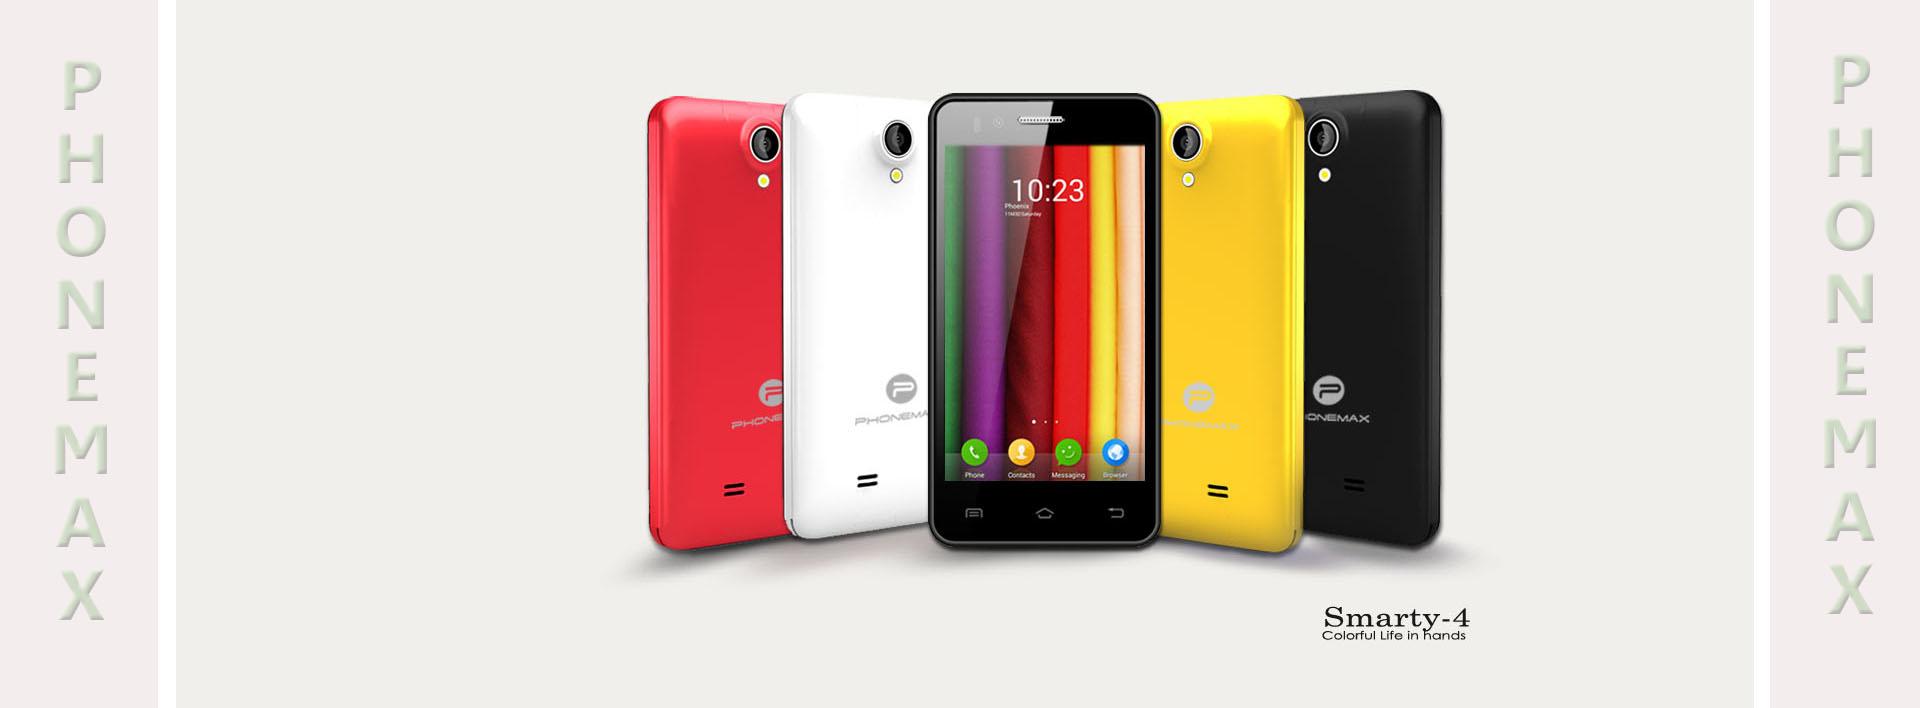 Phonemax Smarty 4